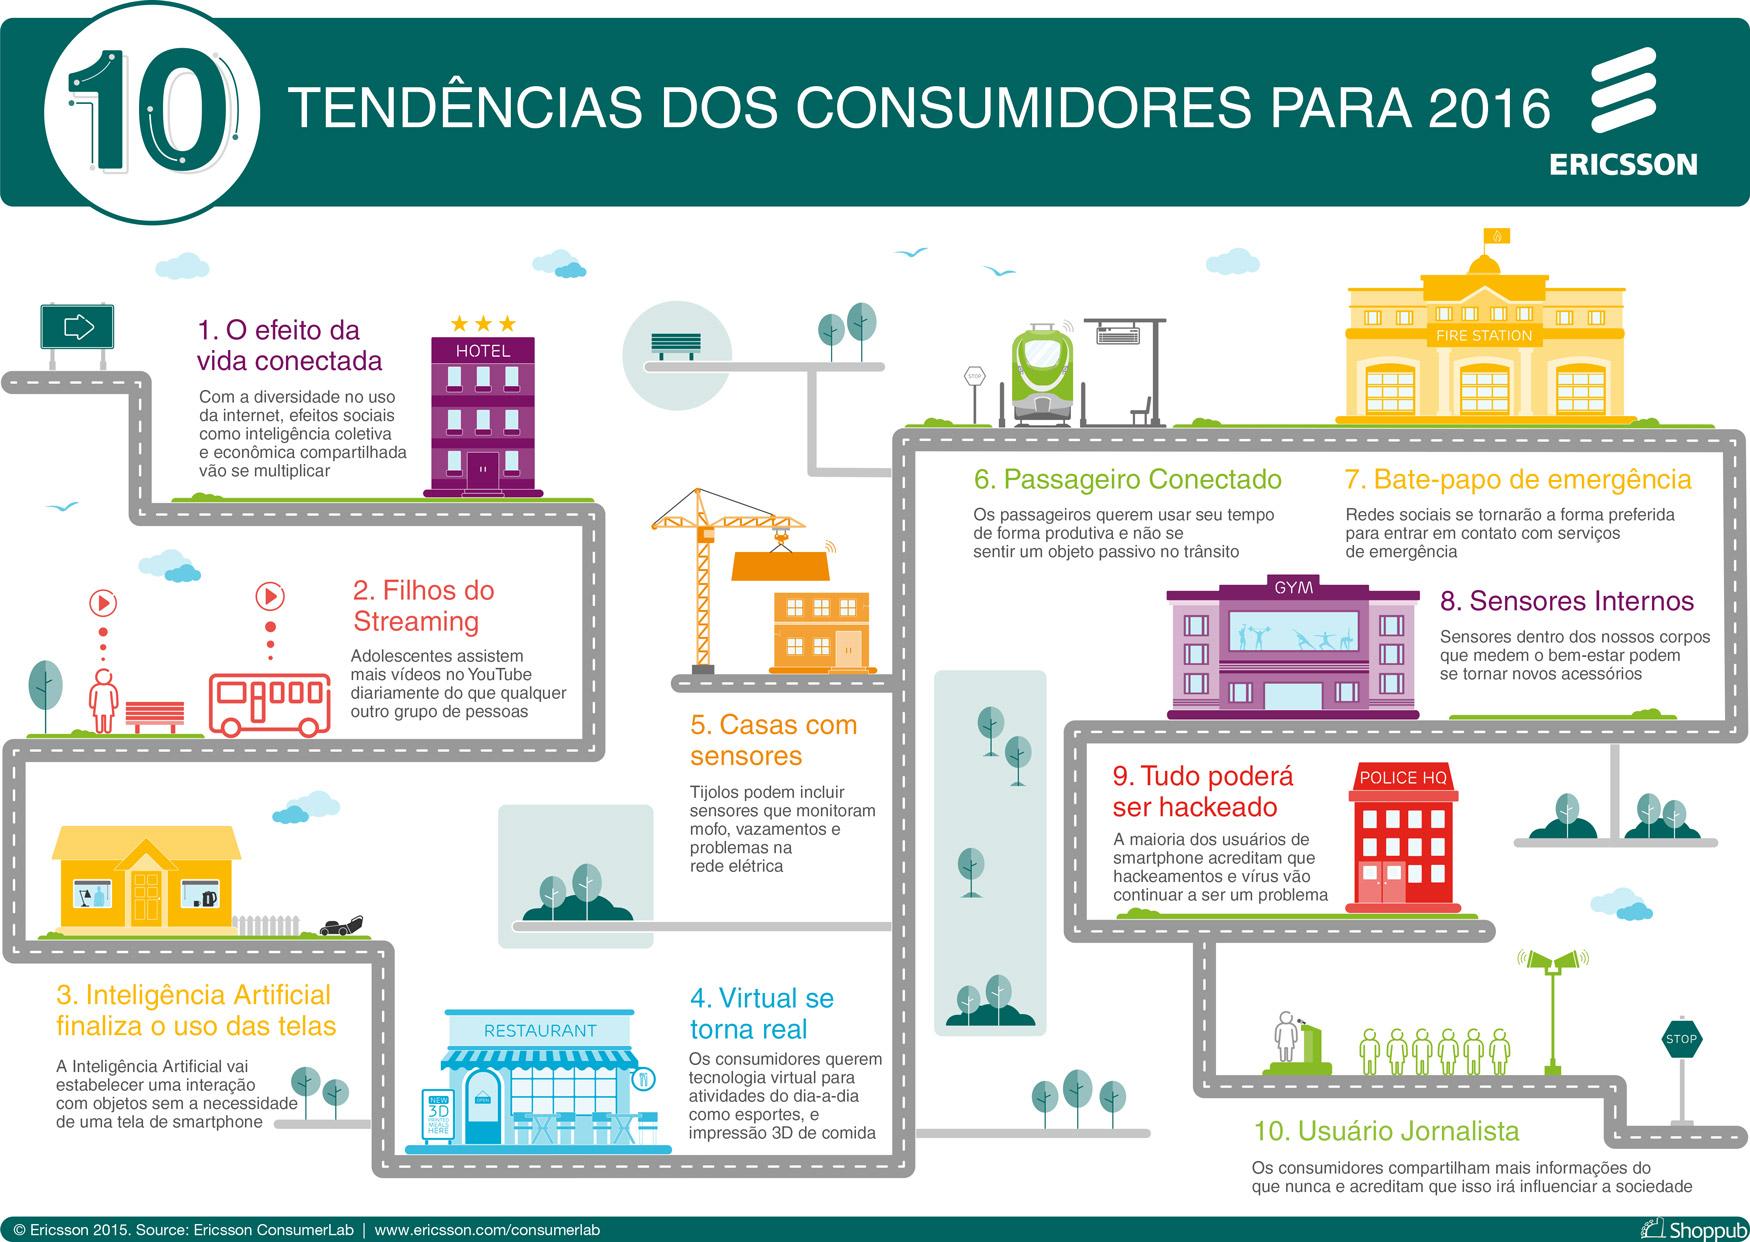 10 tendências dos consumidores para 2016